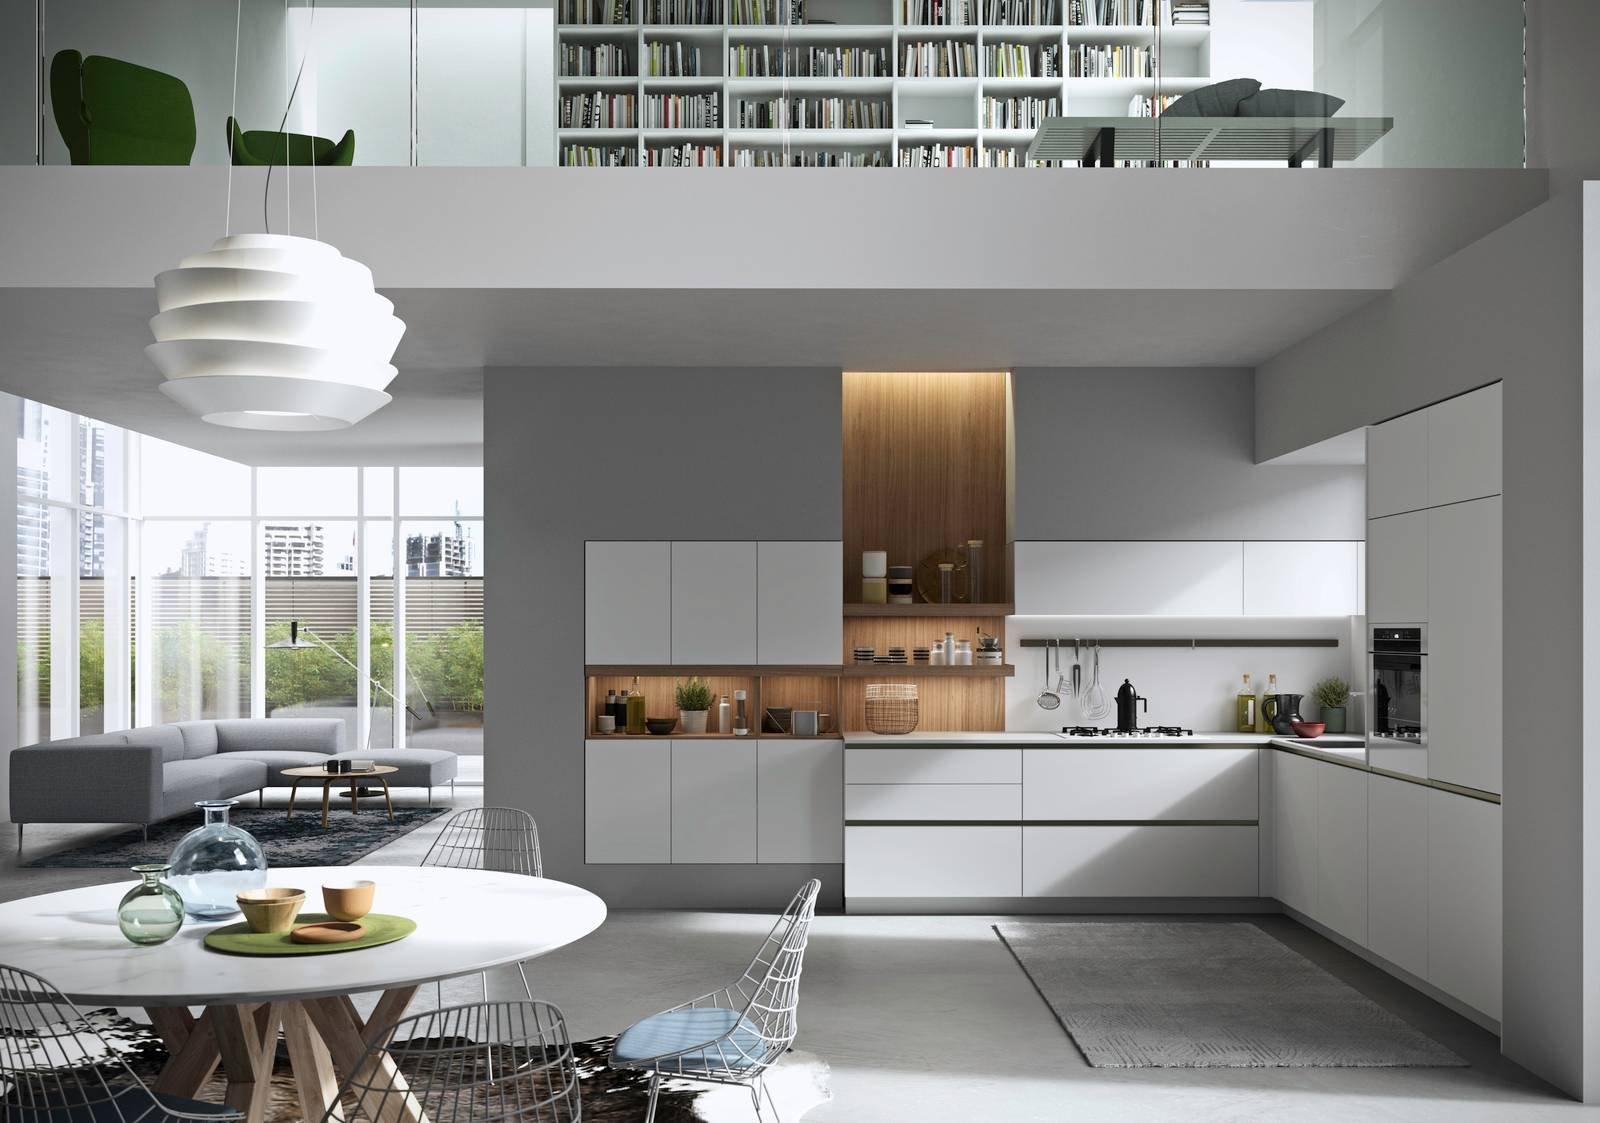 Cucina: vani a giorno per dare movimento alla composizione - Cose di ...